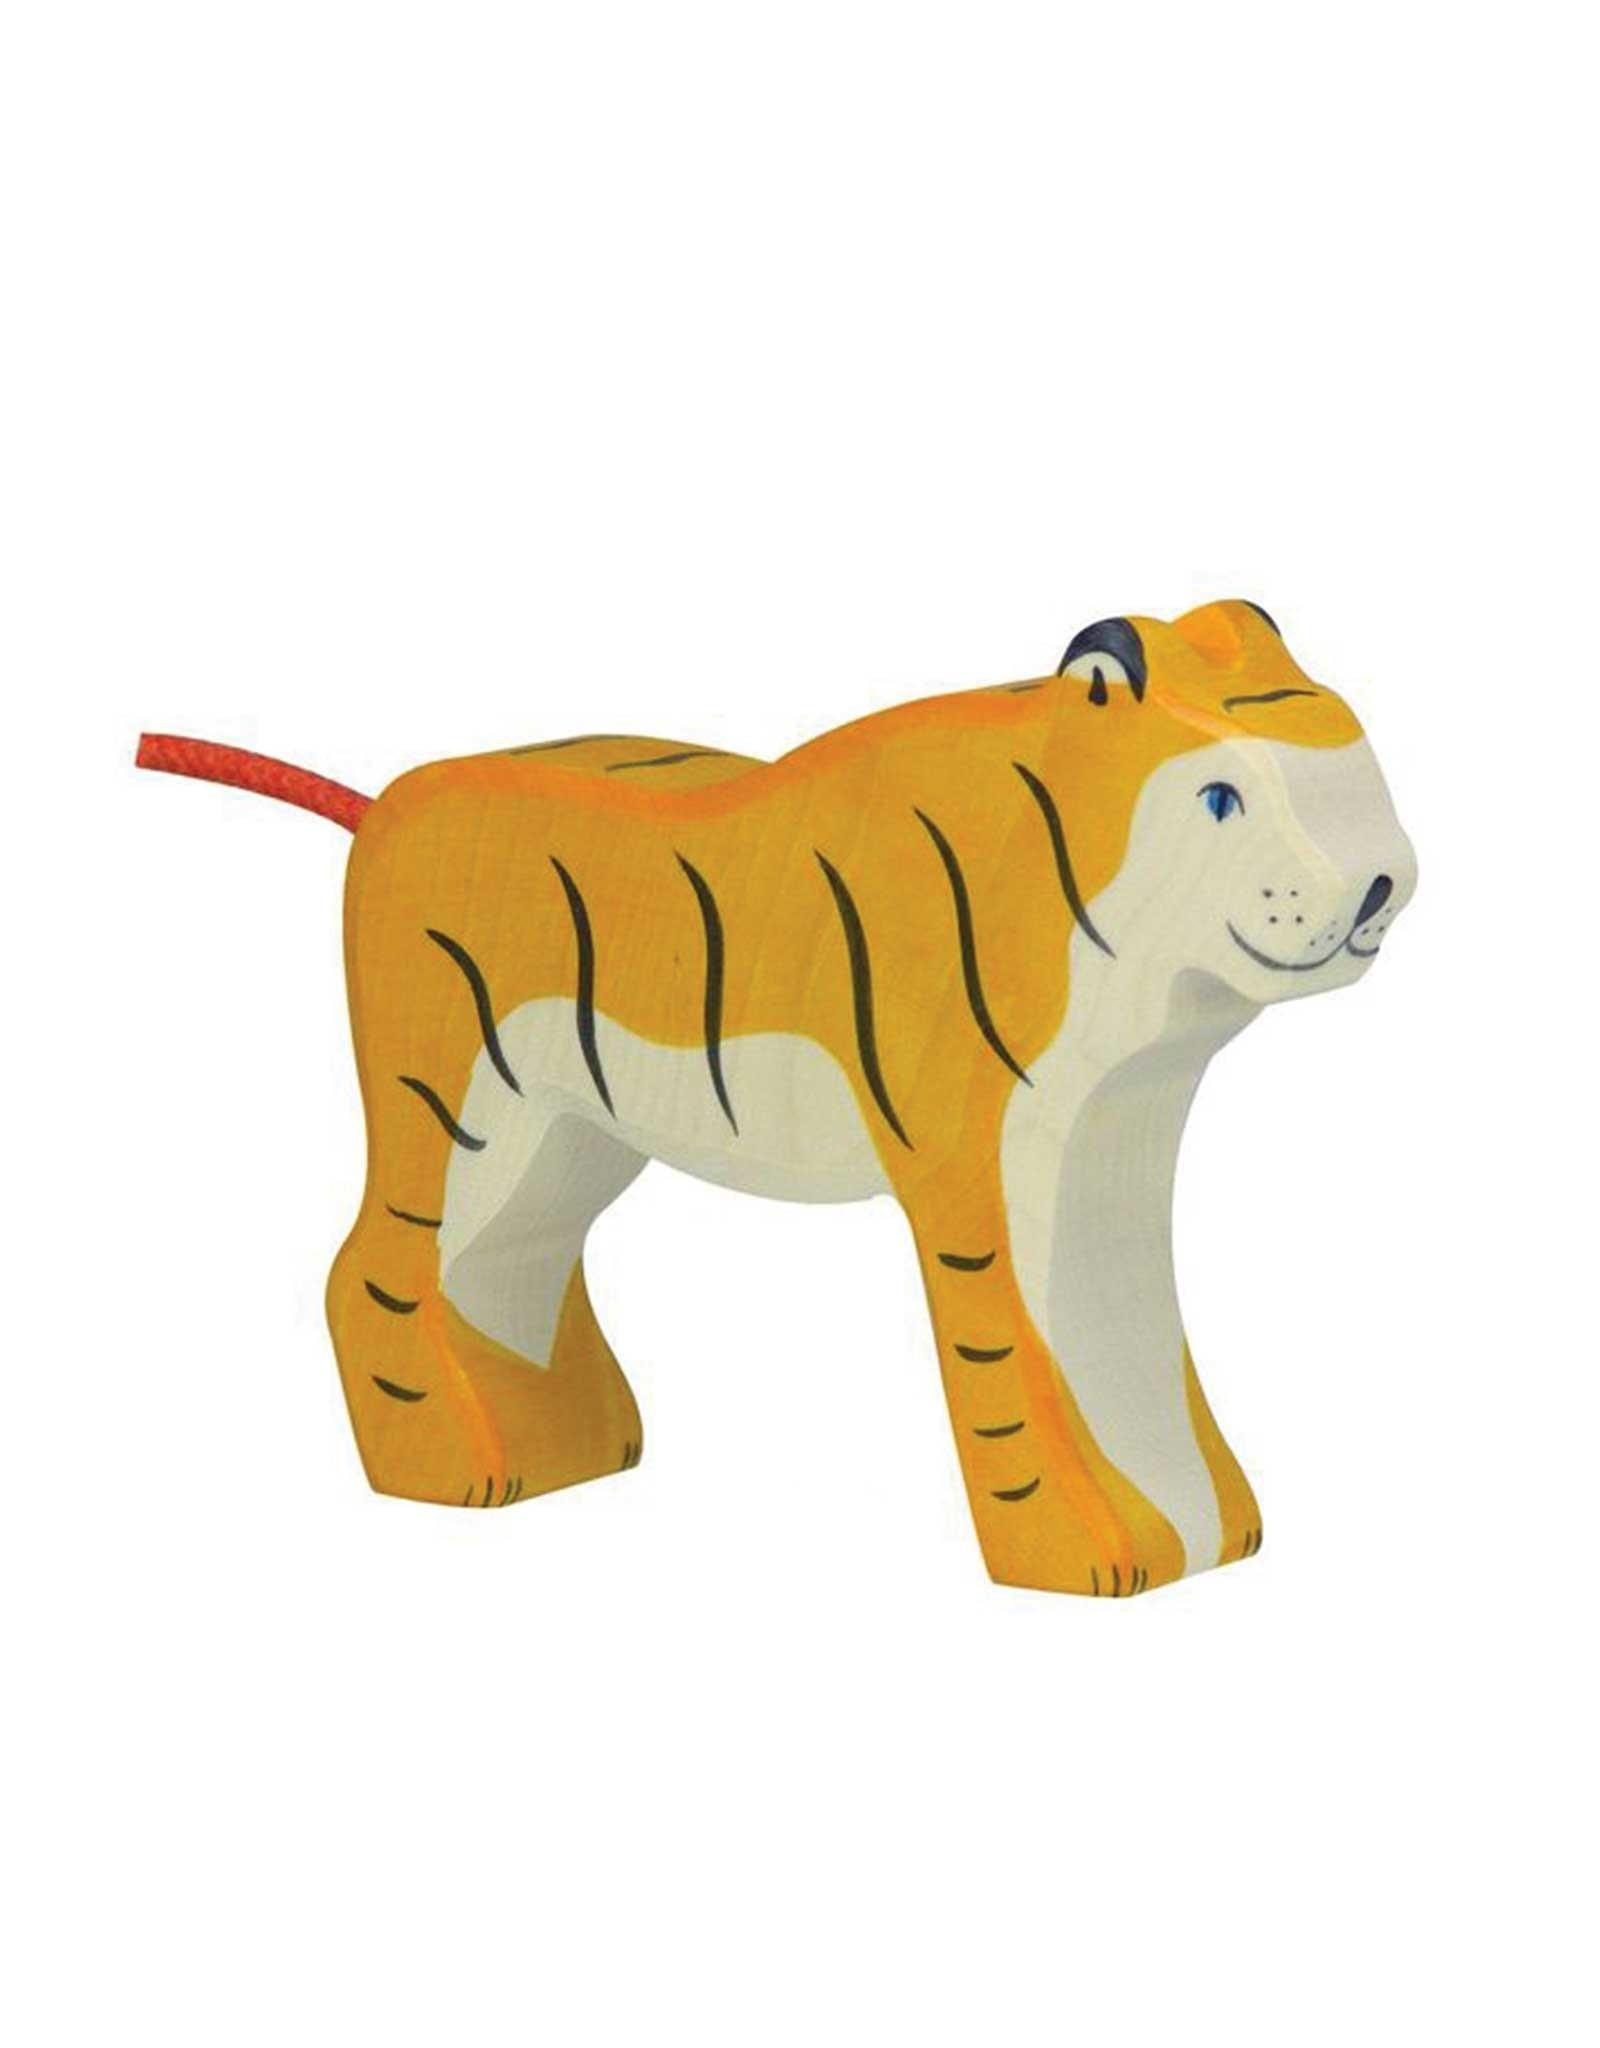 Holztiger Wooden Animal - Tiger